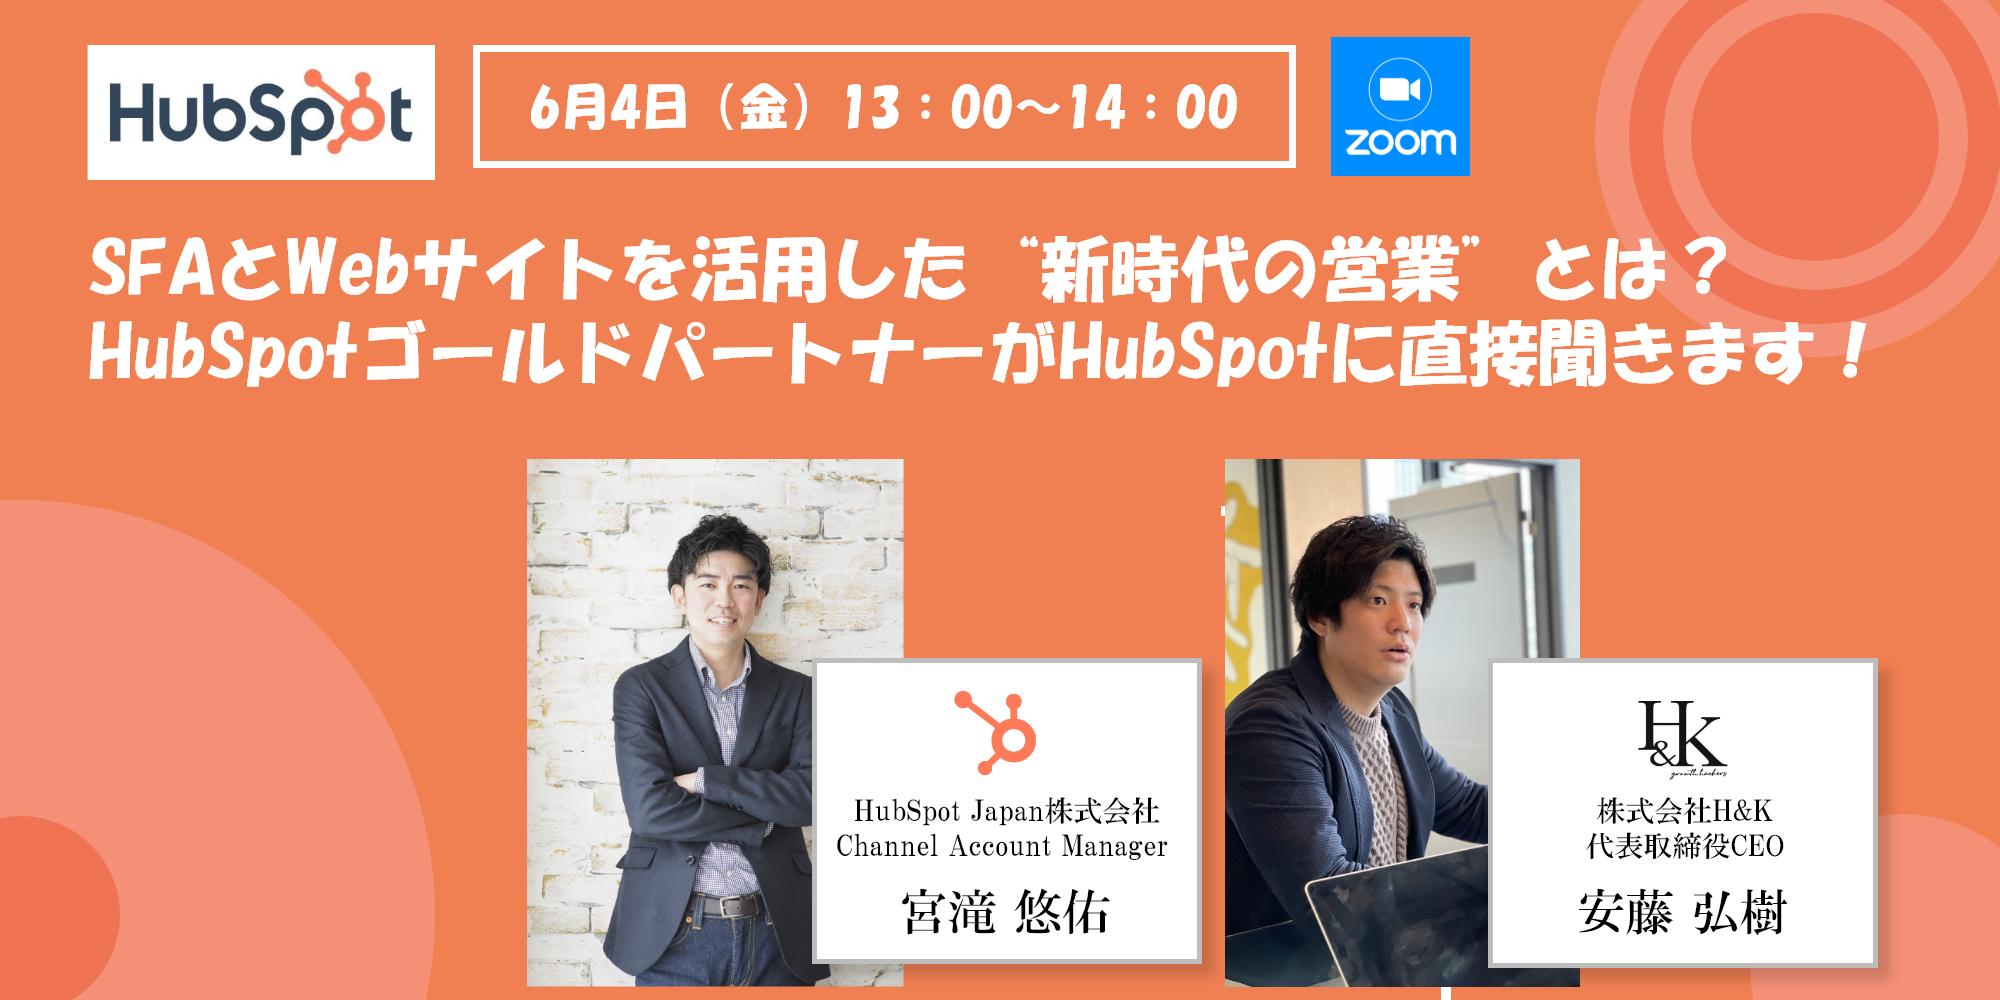 HUbspotウェビナー-2